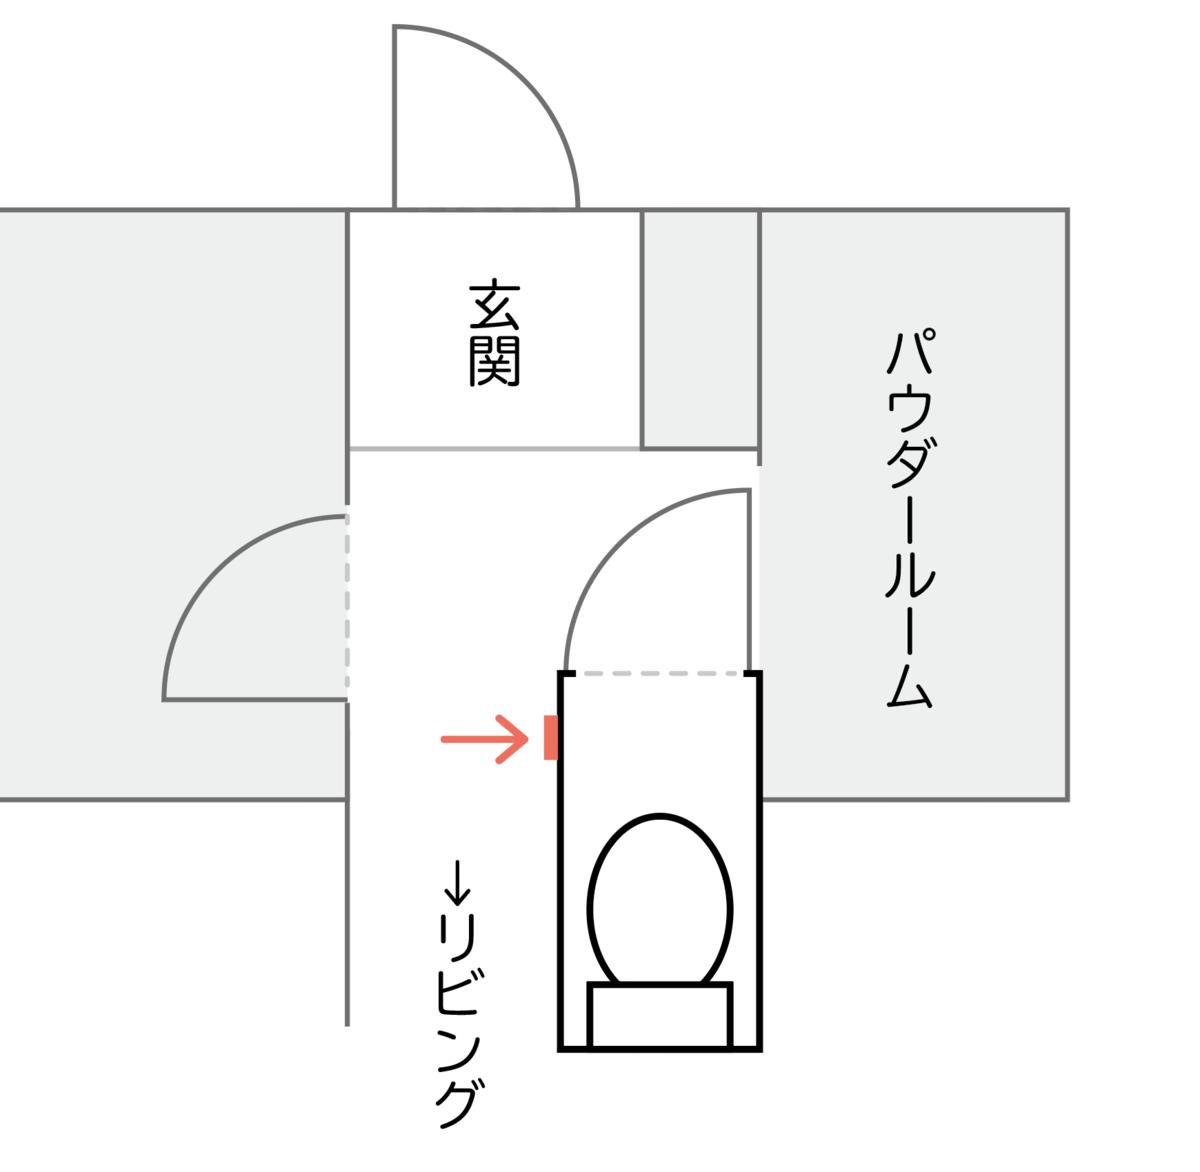 トイレのスイッチの配置問題